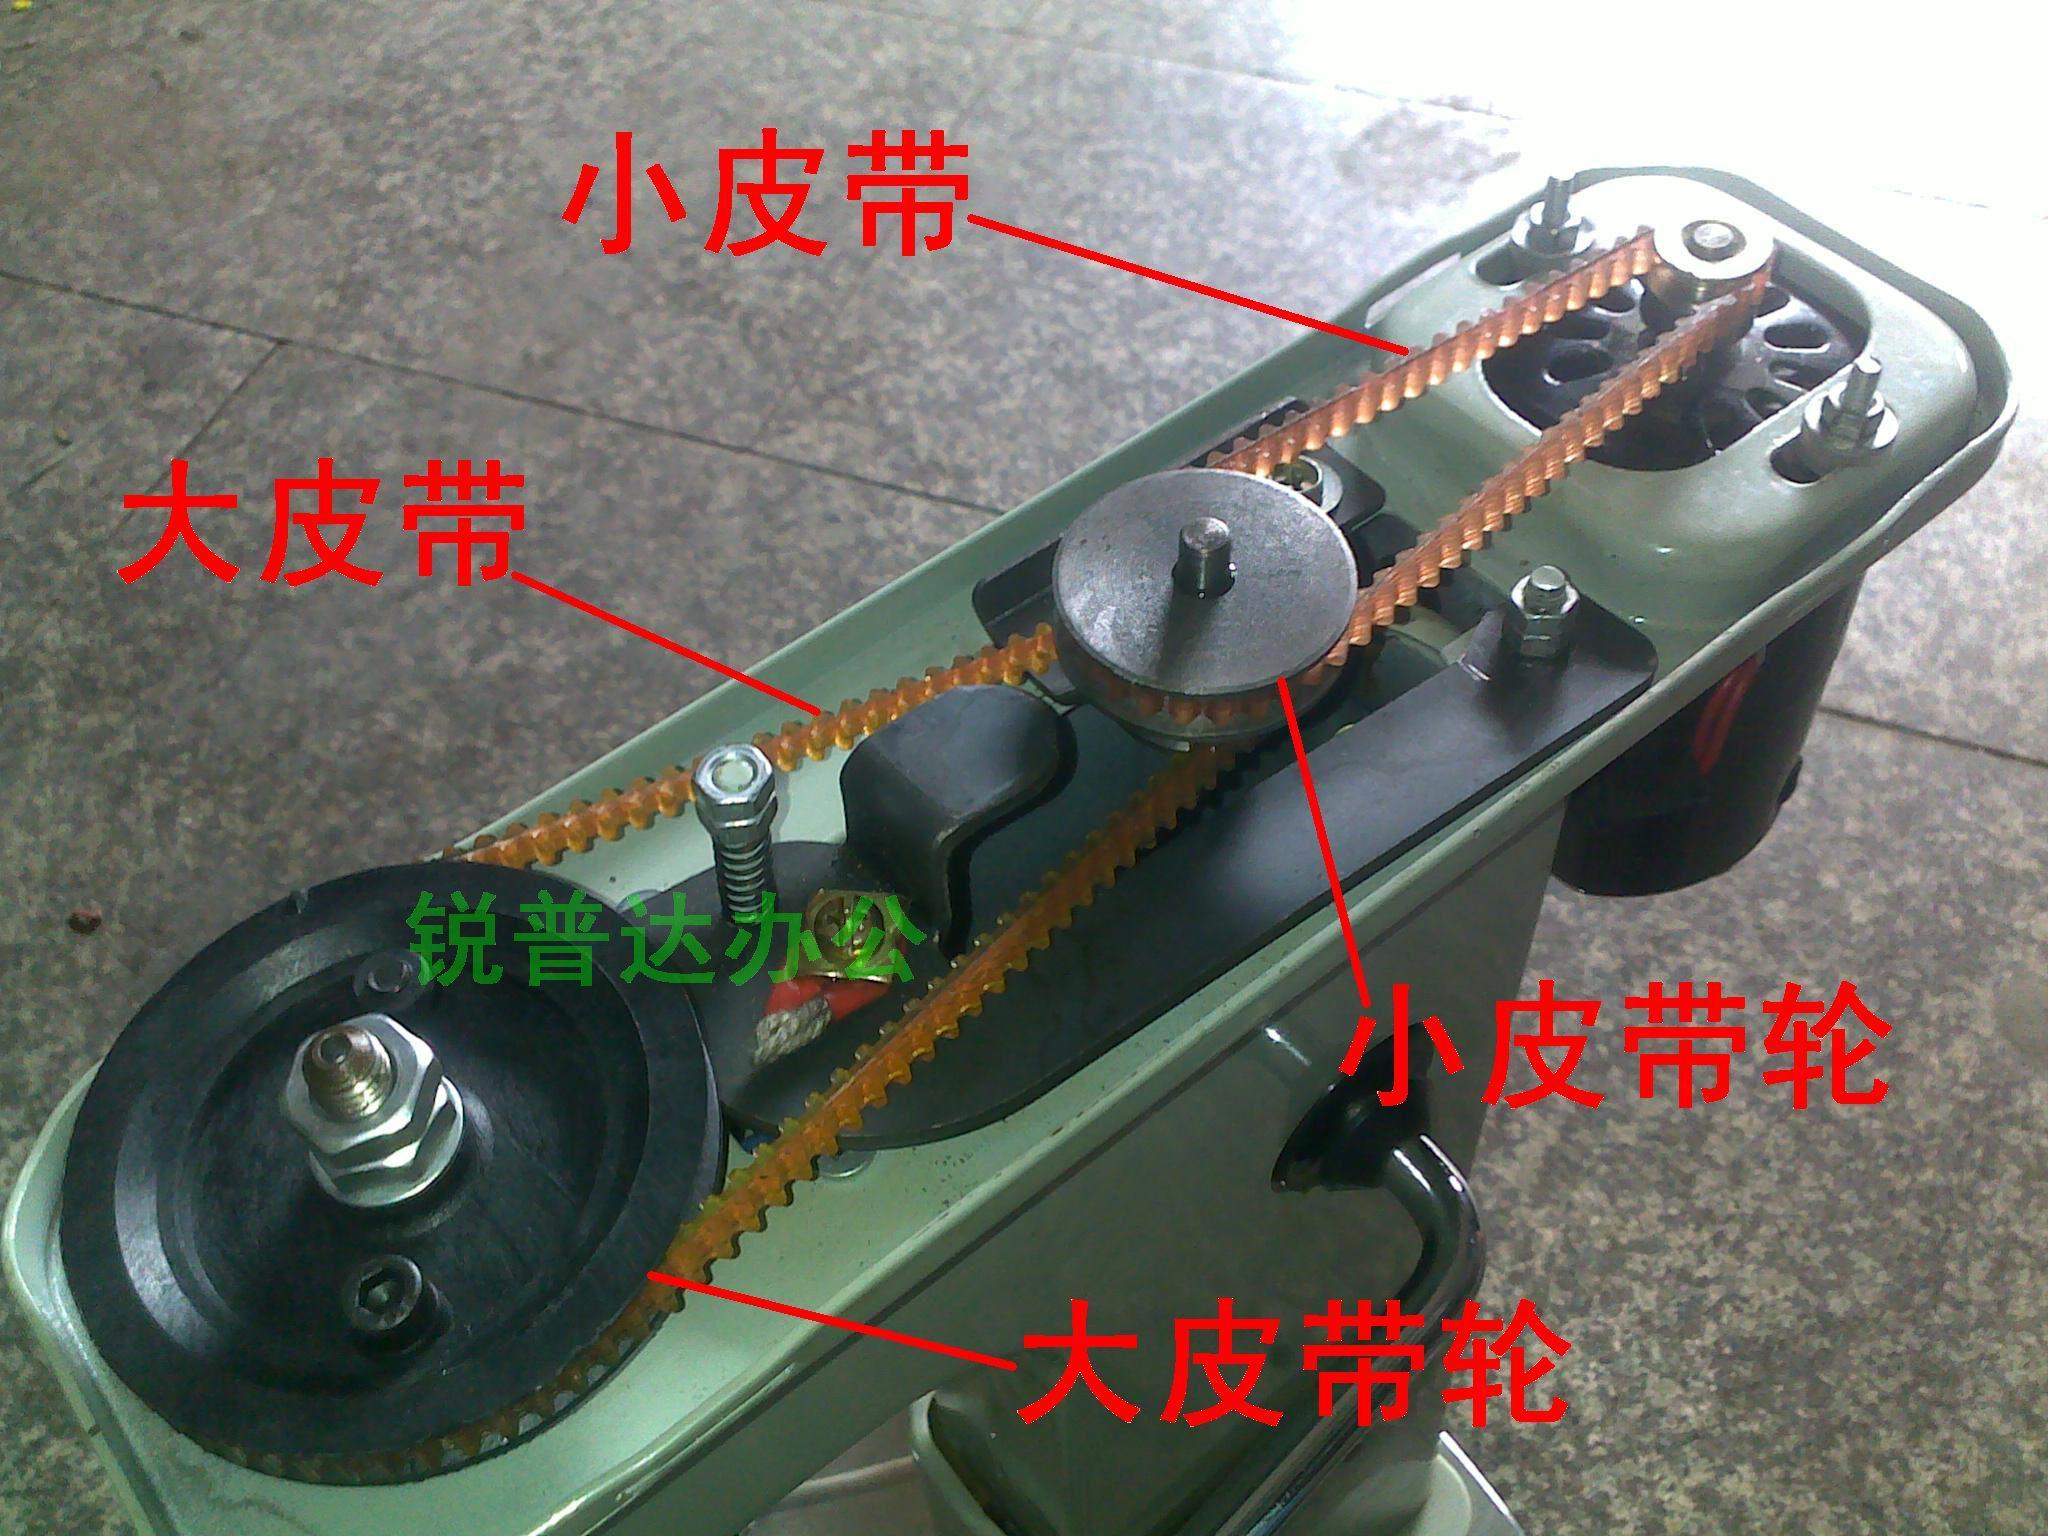 奥威立巧大鵬云广天鸿グッド瓯江168電動製本機プラスチックベルト伝動輪部品